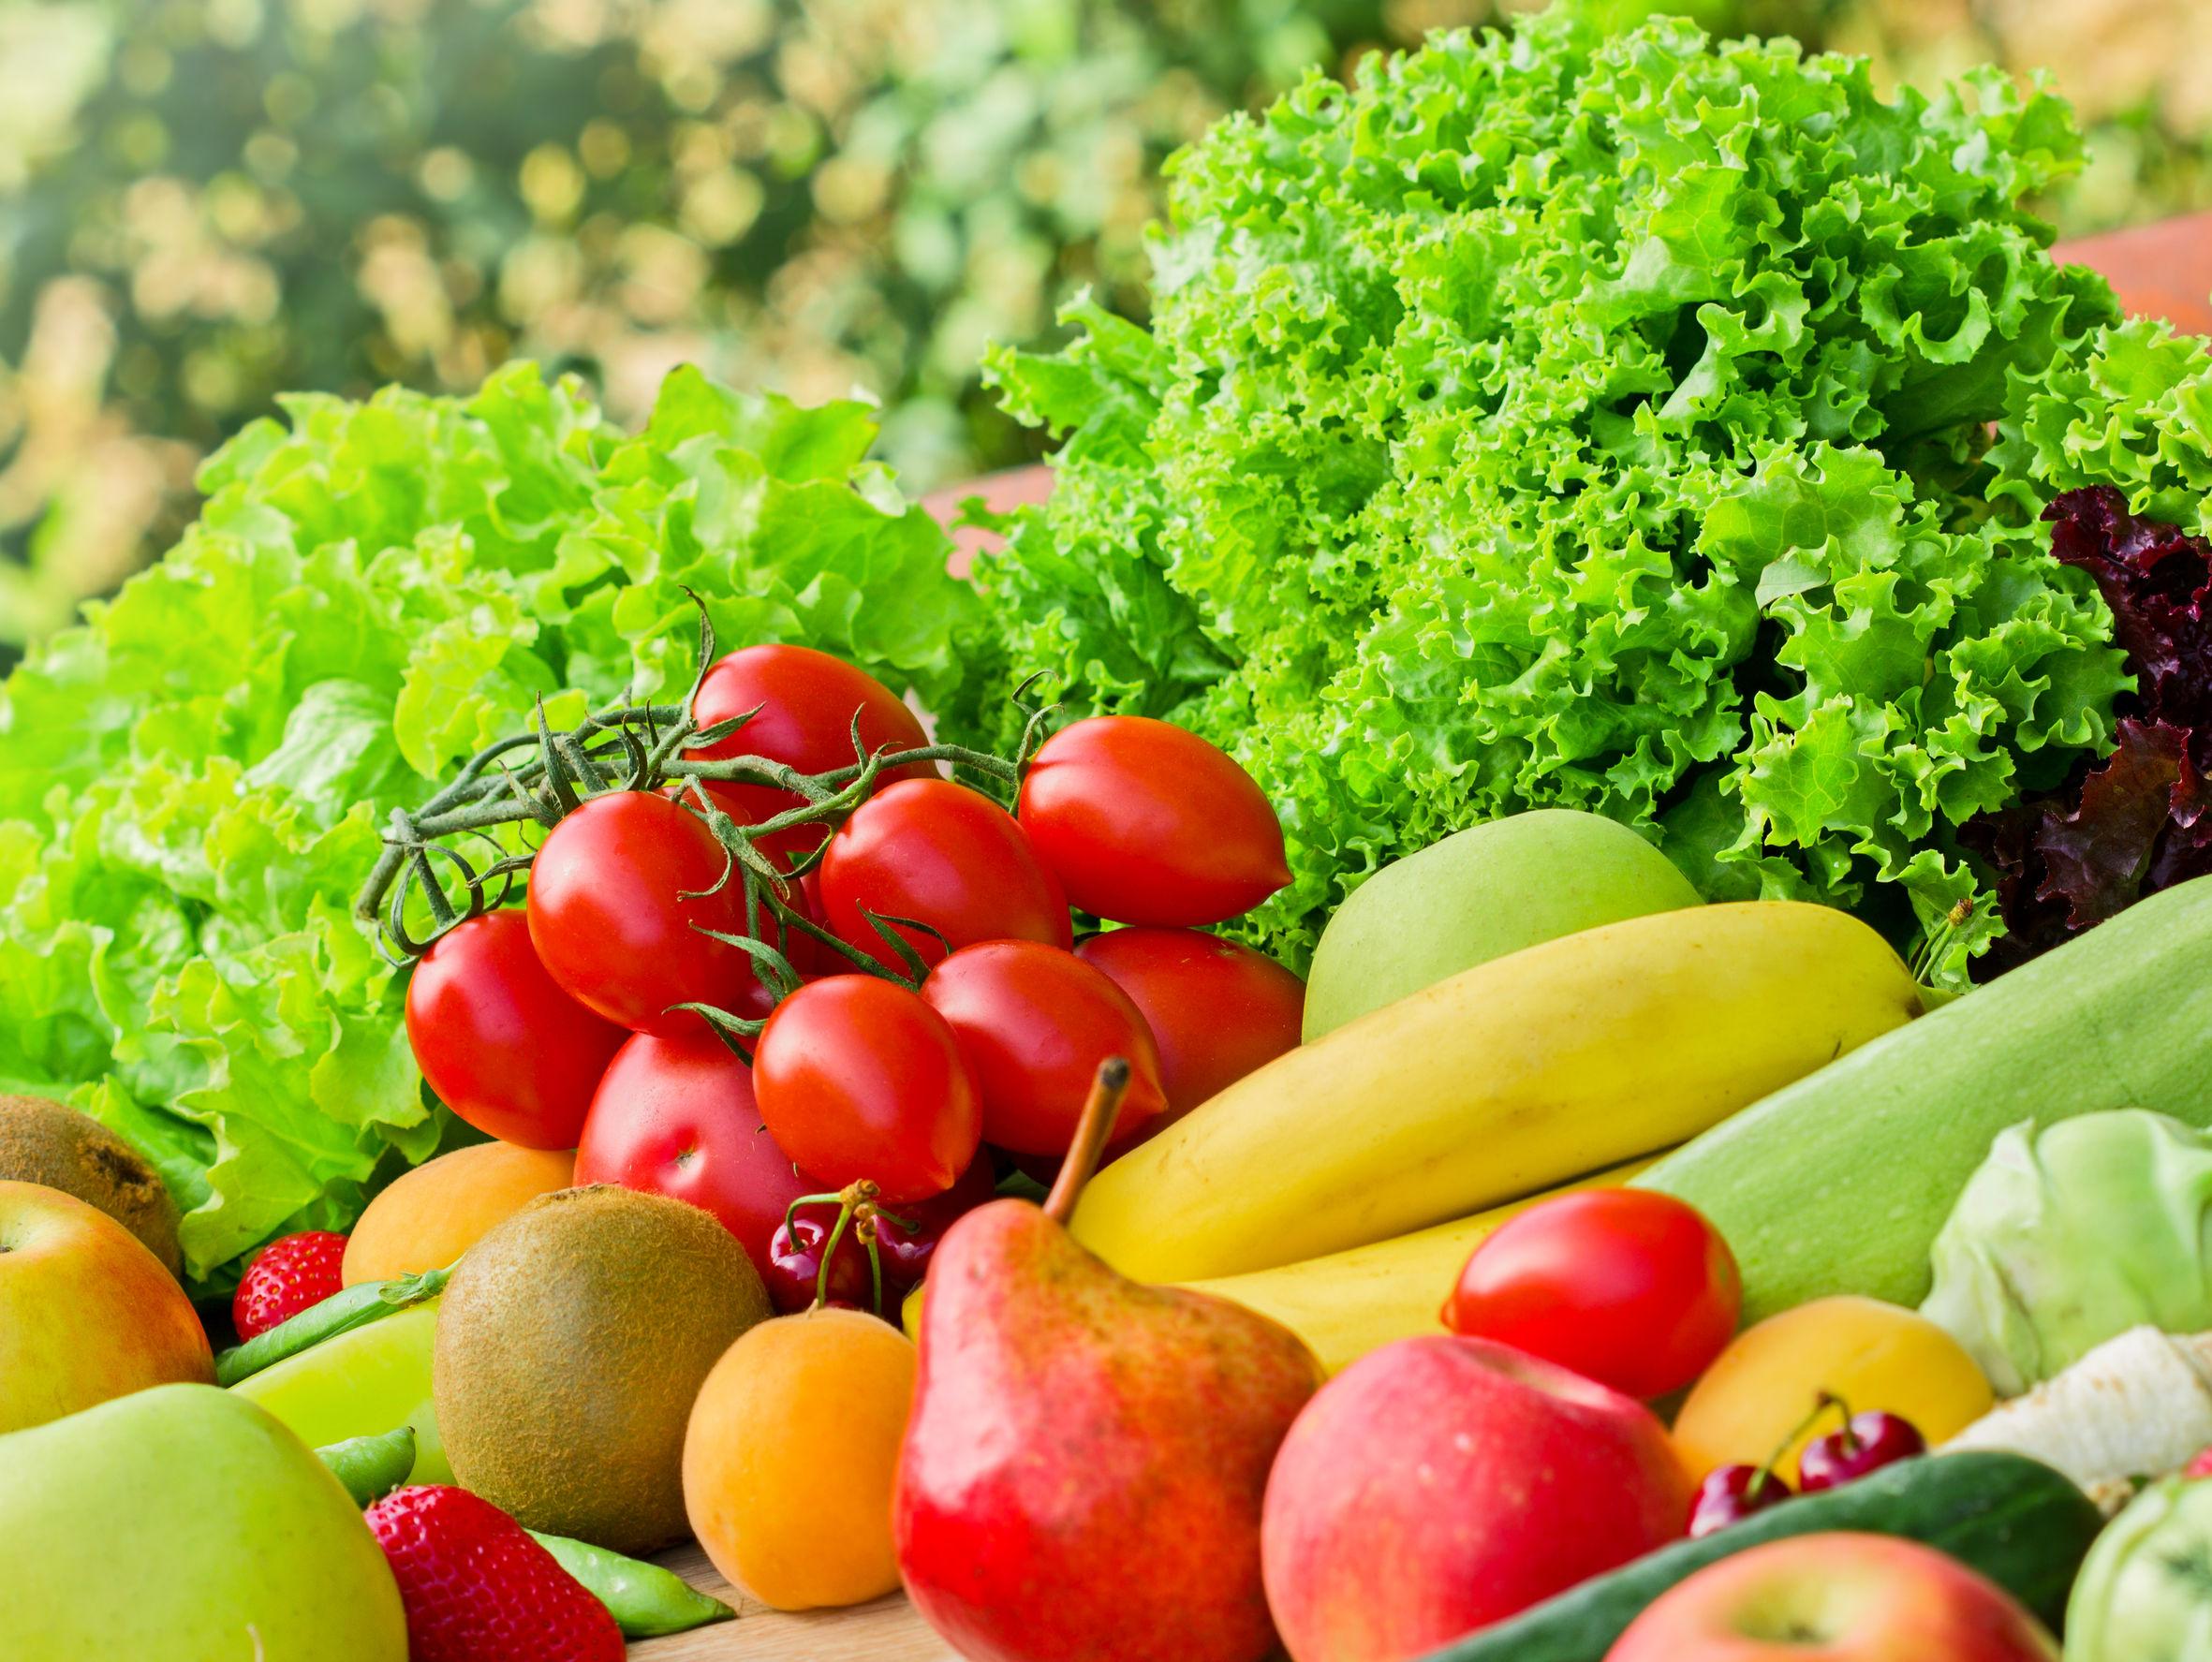 Czy jedząc dużo owoców można schudnąć